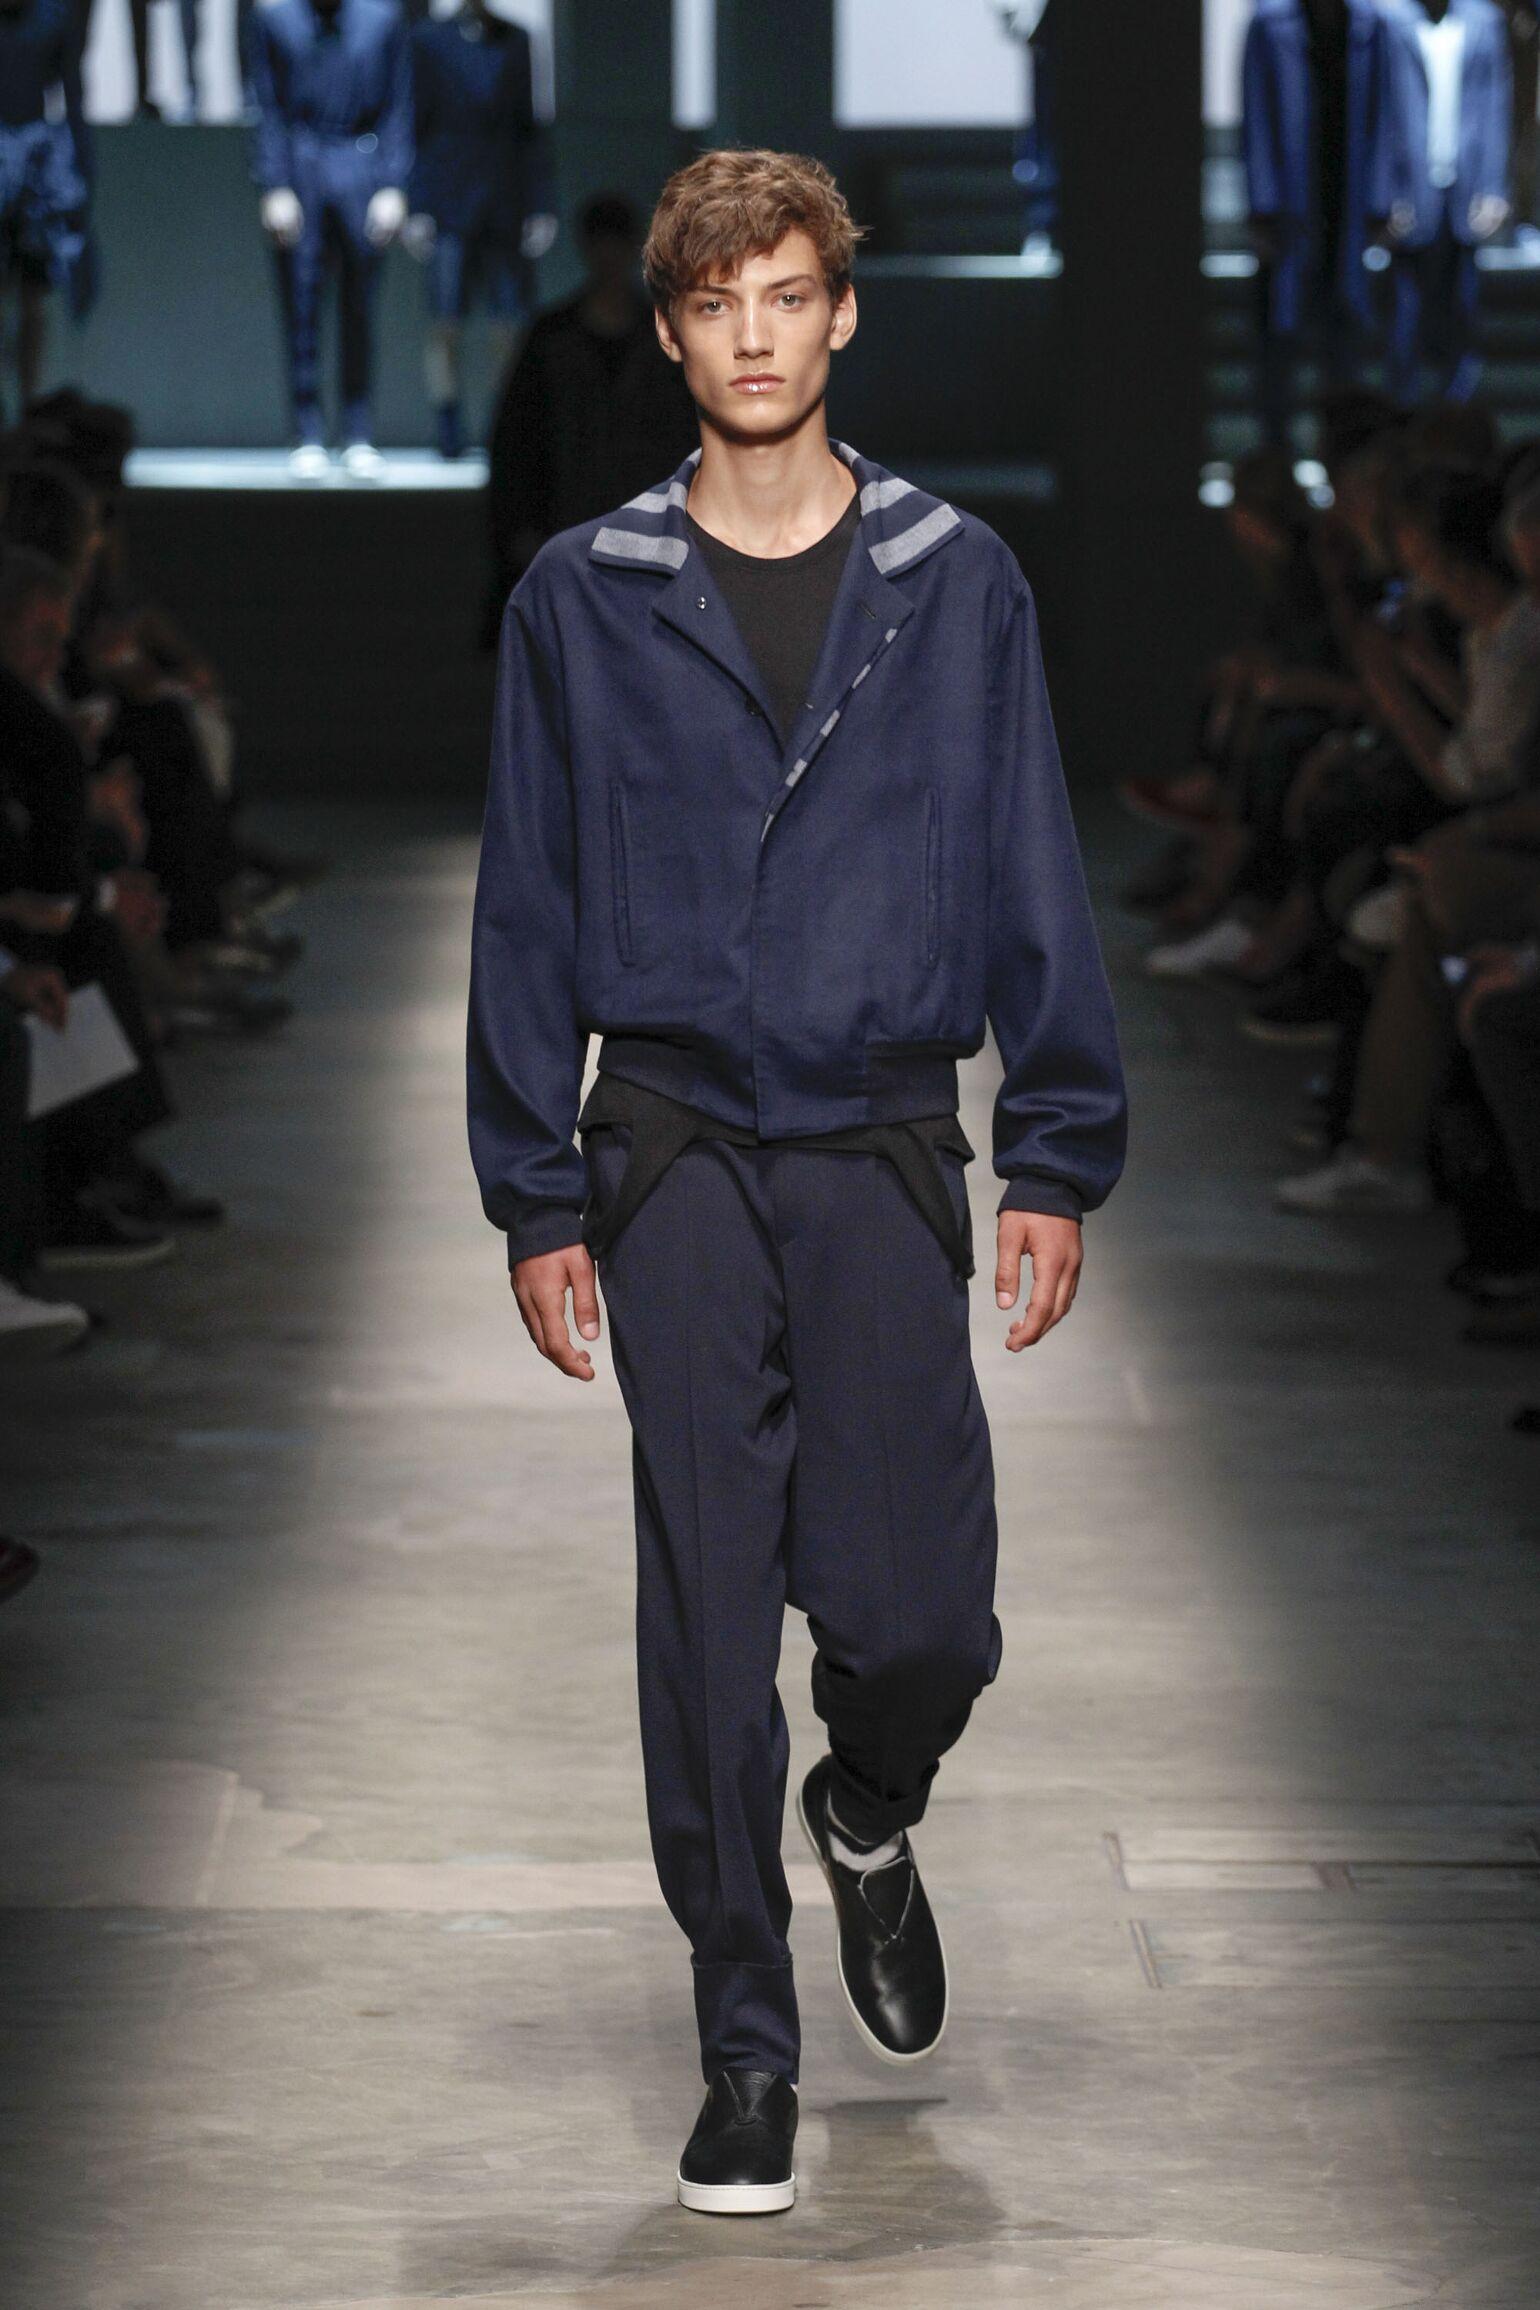 Summer 2015 Fashion Show Ermenegildo Zegna Couture